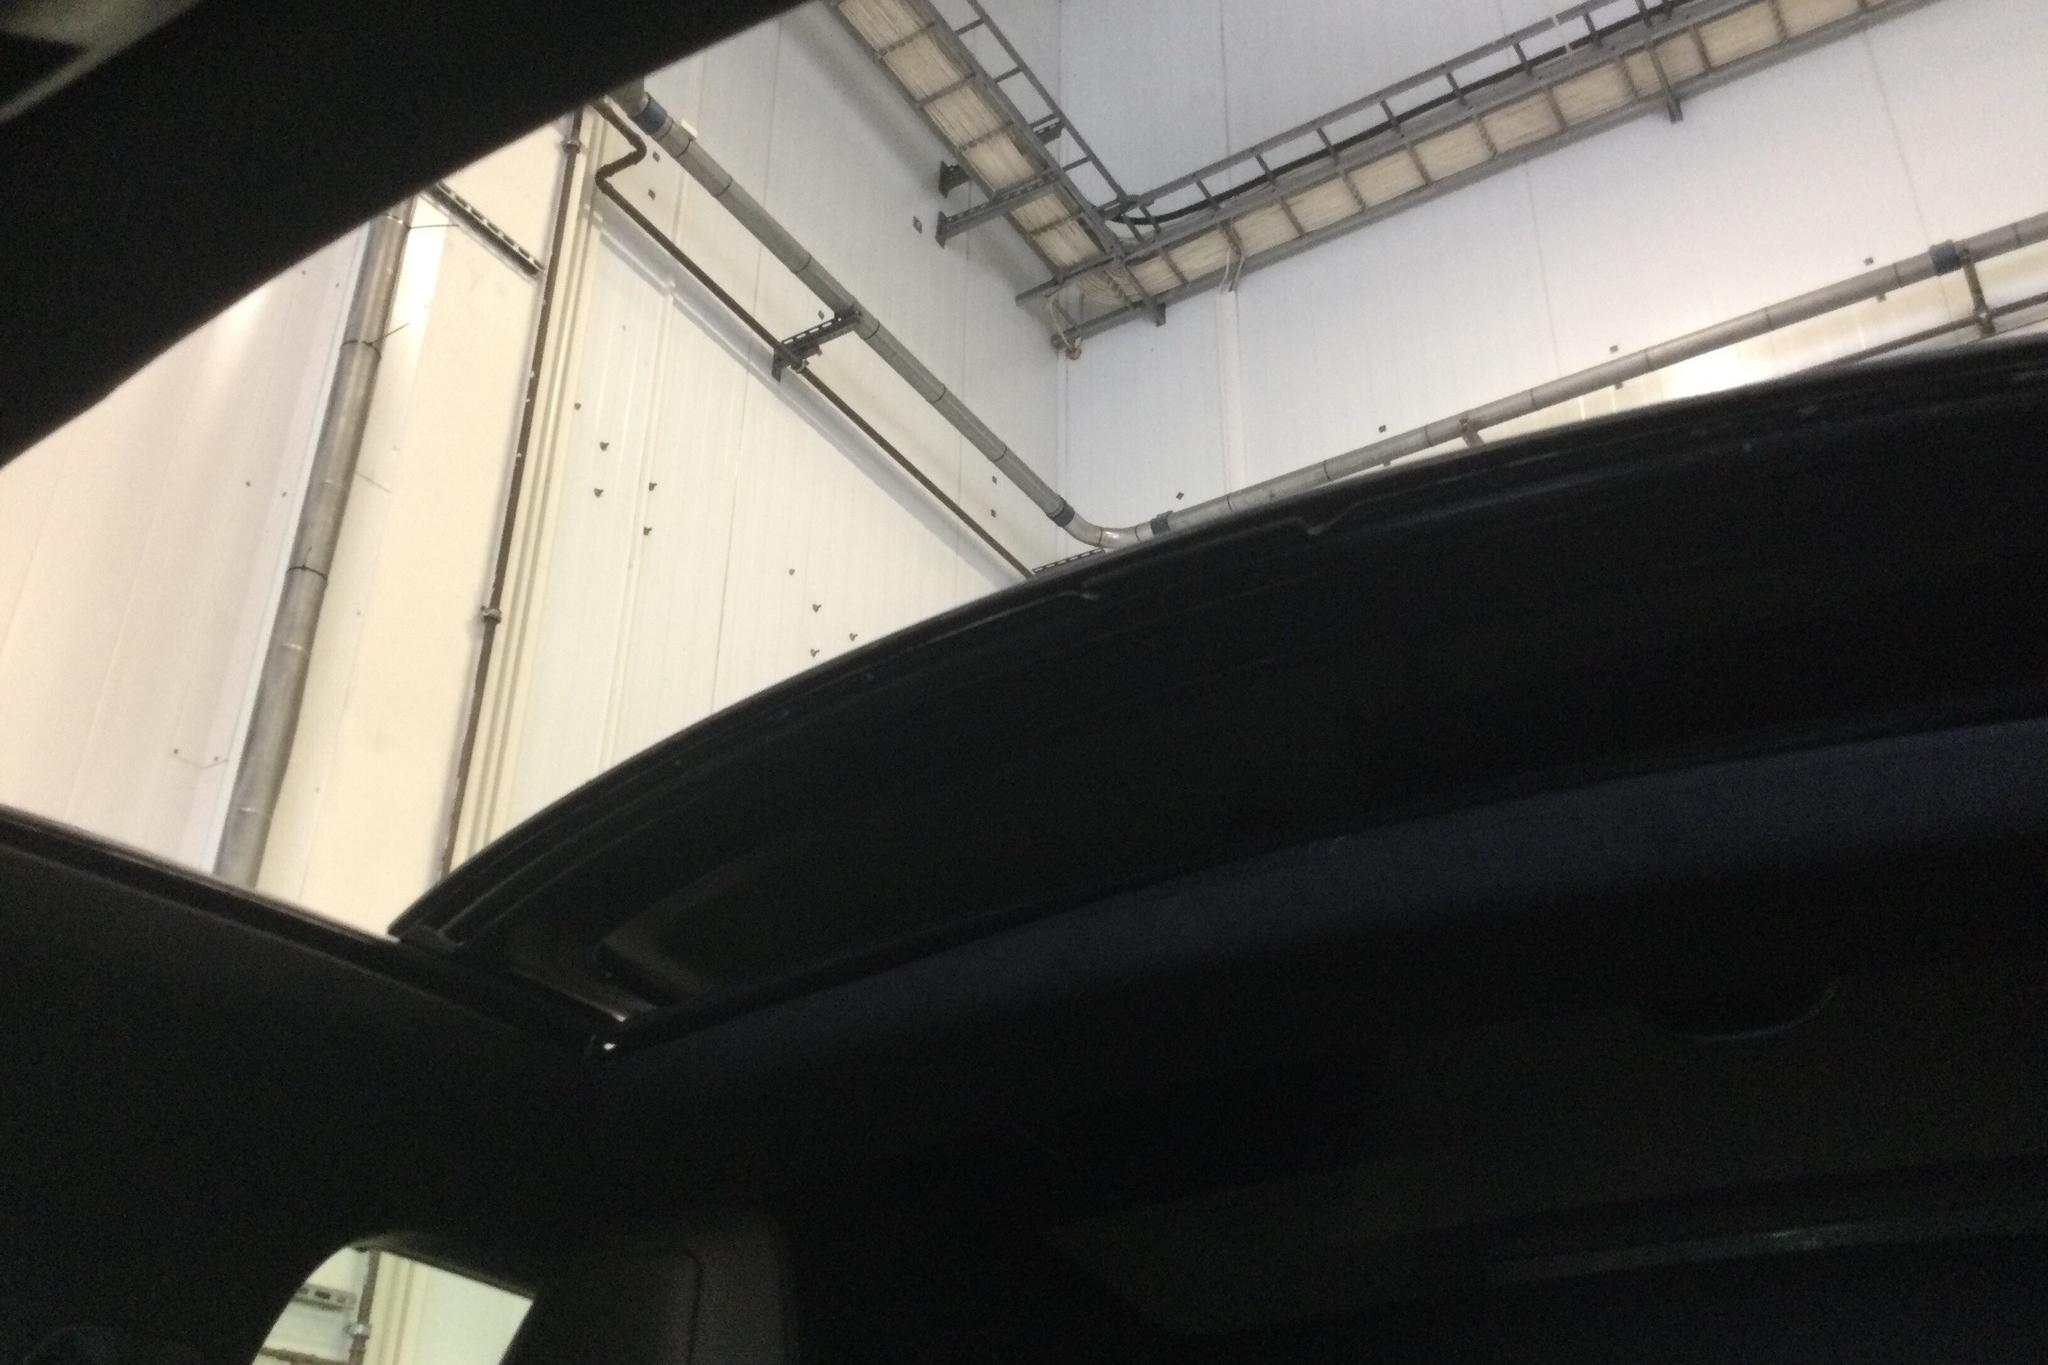 Tesla Model S 75D (525hk) - 68 420 km - Automatic - gray - 2018